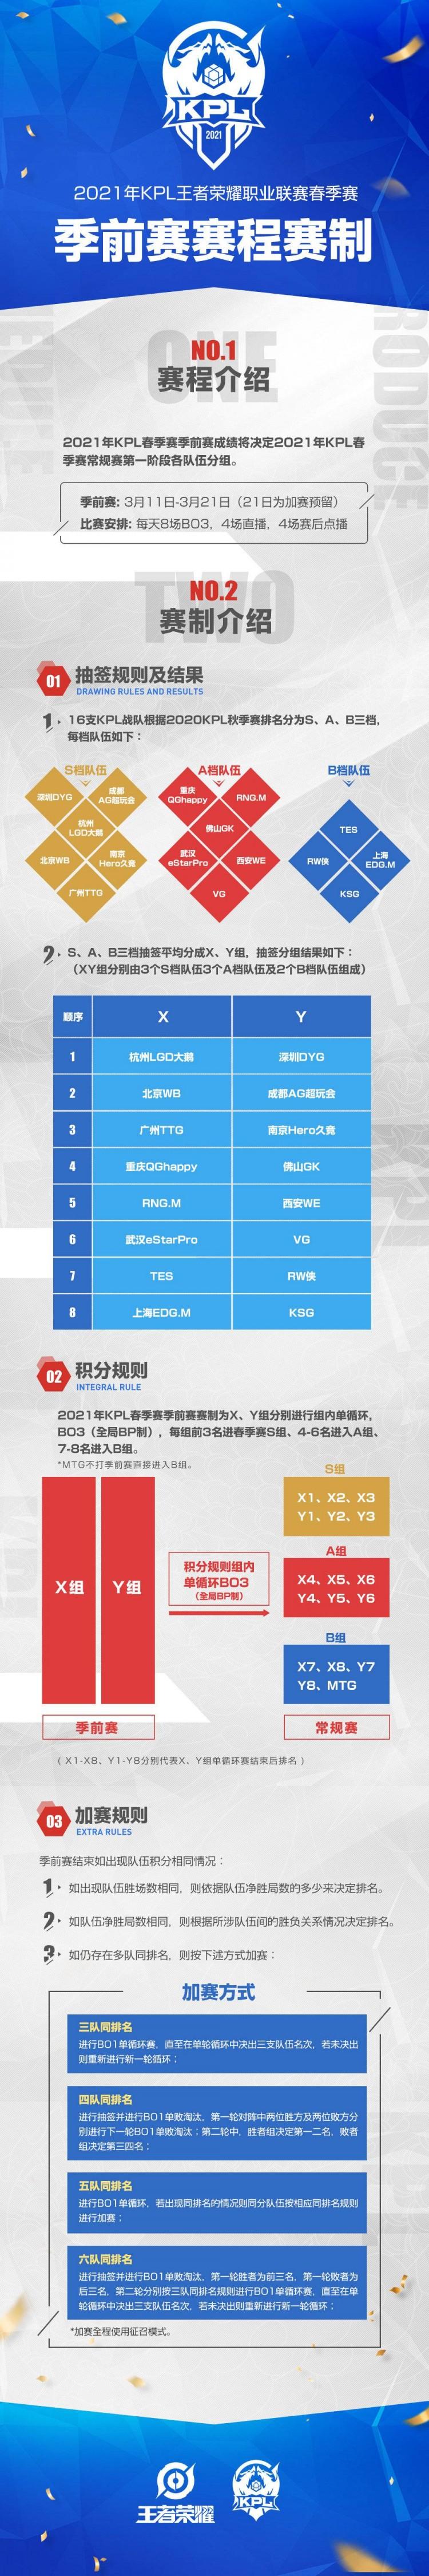 KPL官方正式发布了2021年季前赛的赛事日历和赛程赛制